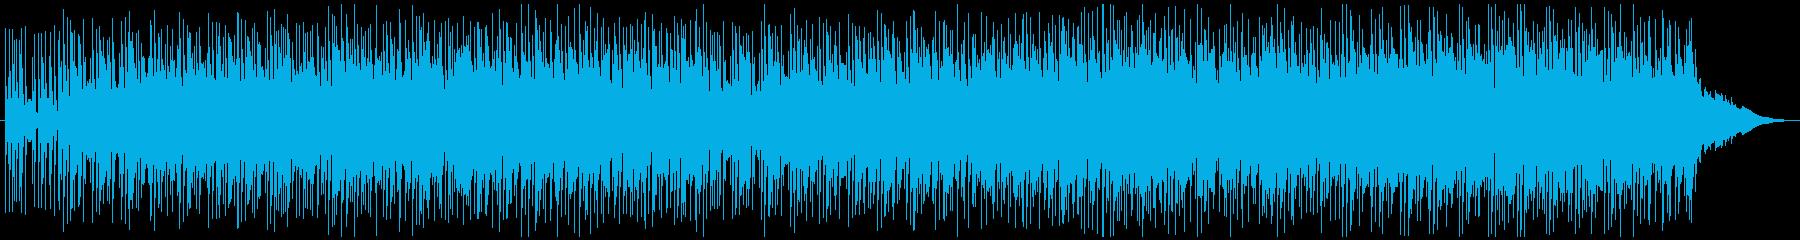 ポップ ロック ドラマチック ピア...の再生済みの波形